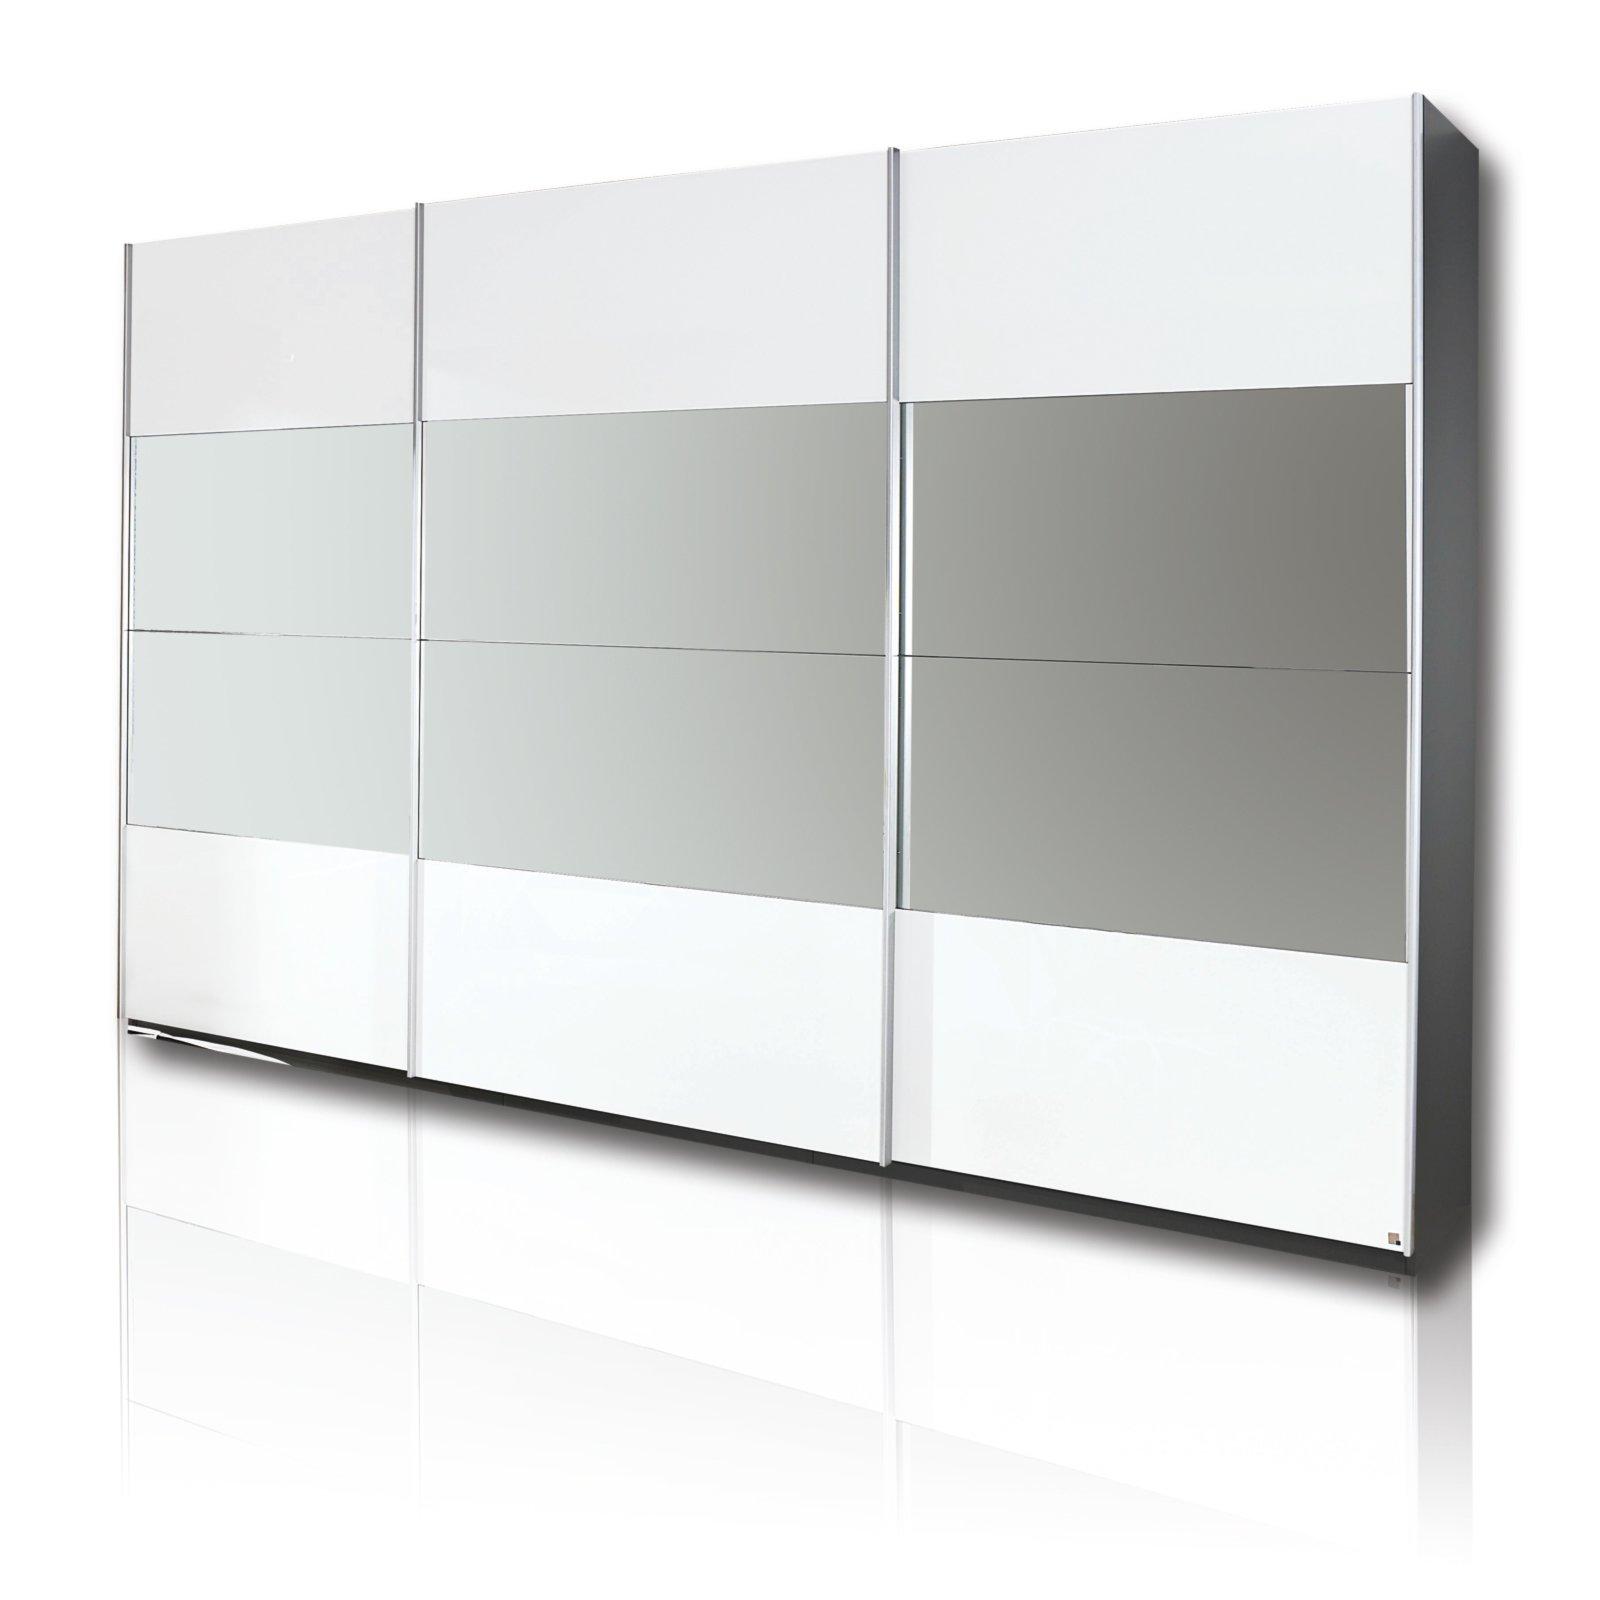 kleiderschrank schiebet ren wei. Black Bedroom Furniture Sets. Home Design Ideas